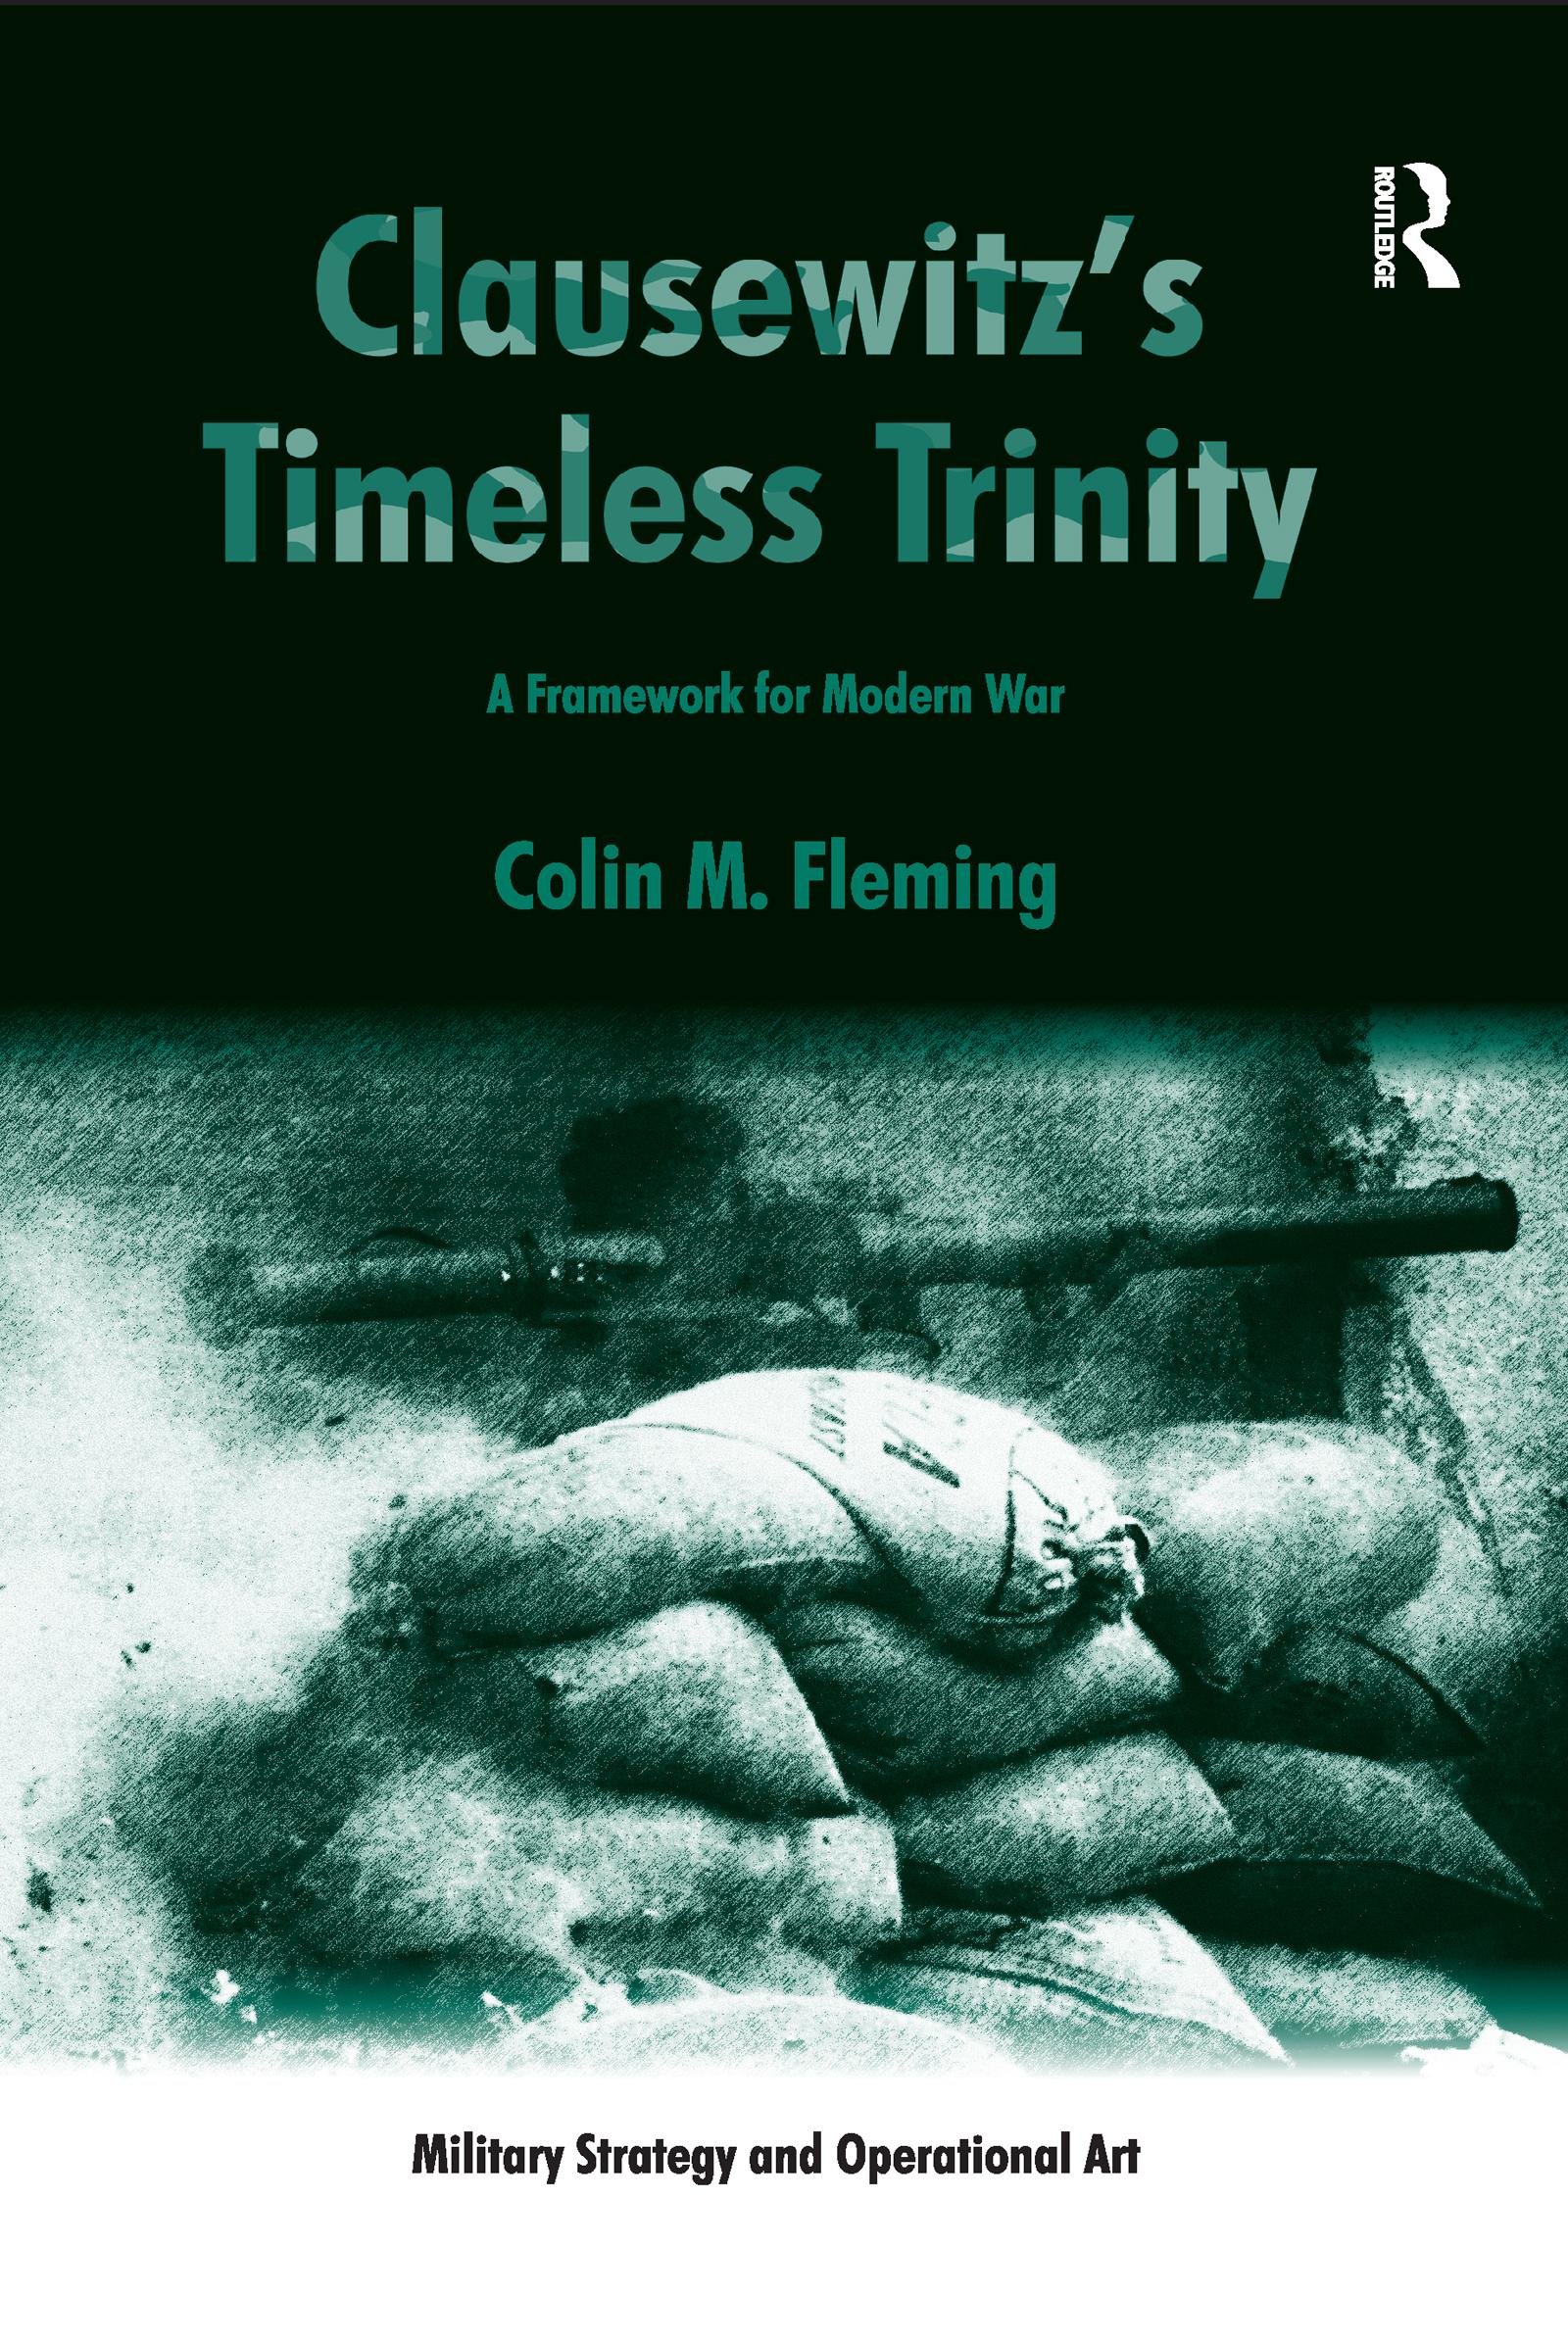 Clausewitz's Timeless Trinity